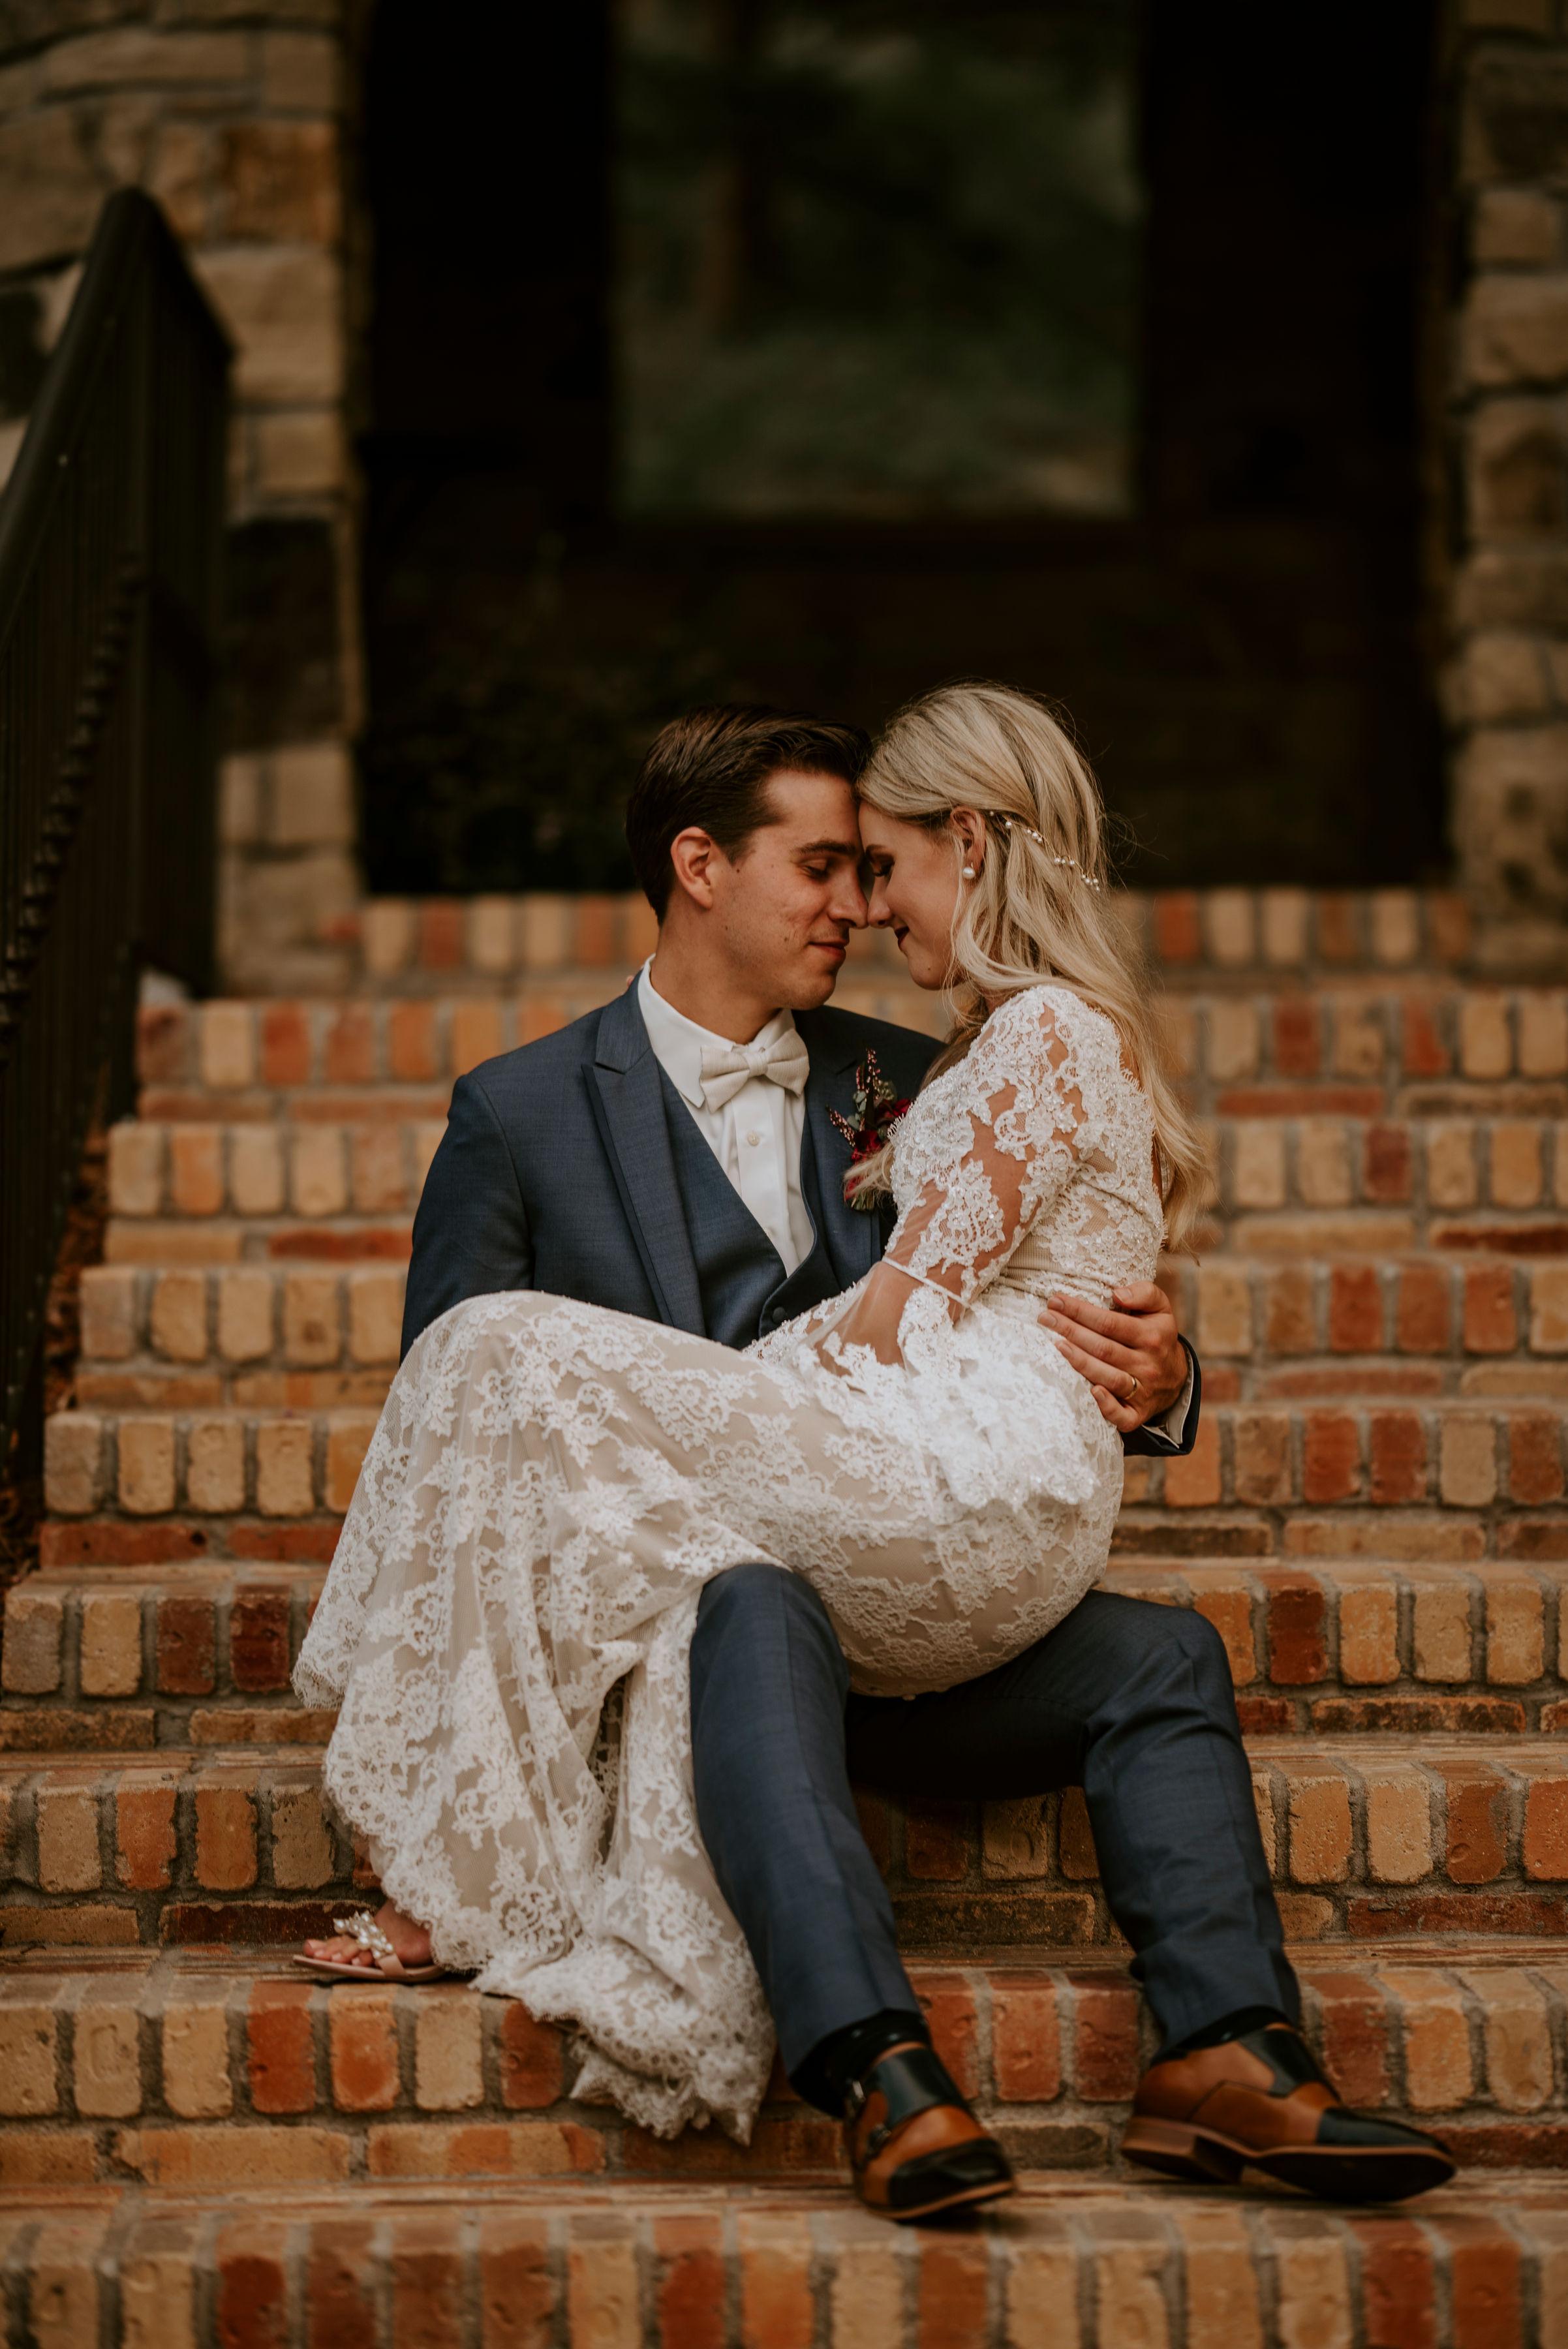 della_terra_chateau_wedding_photographer167.jpg